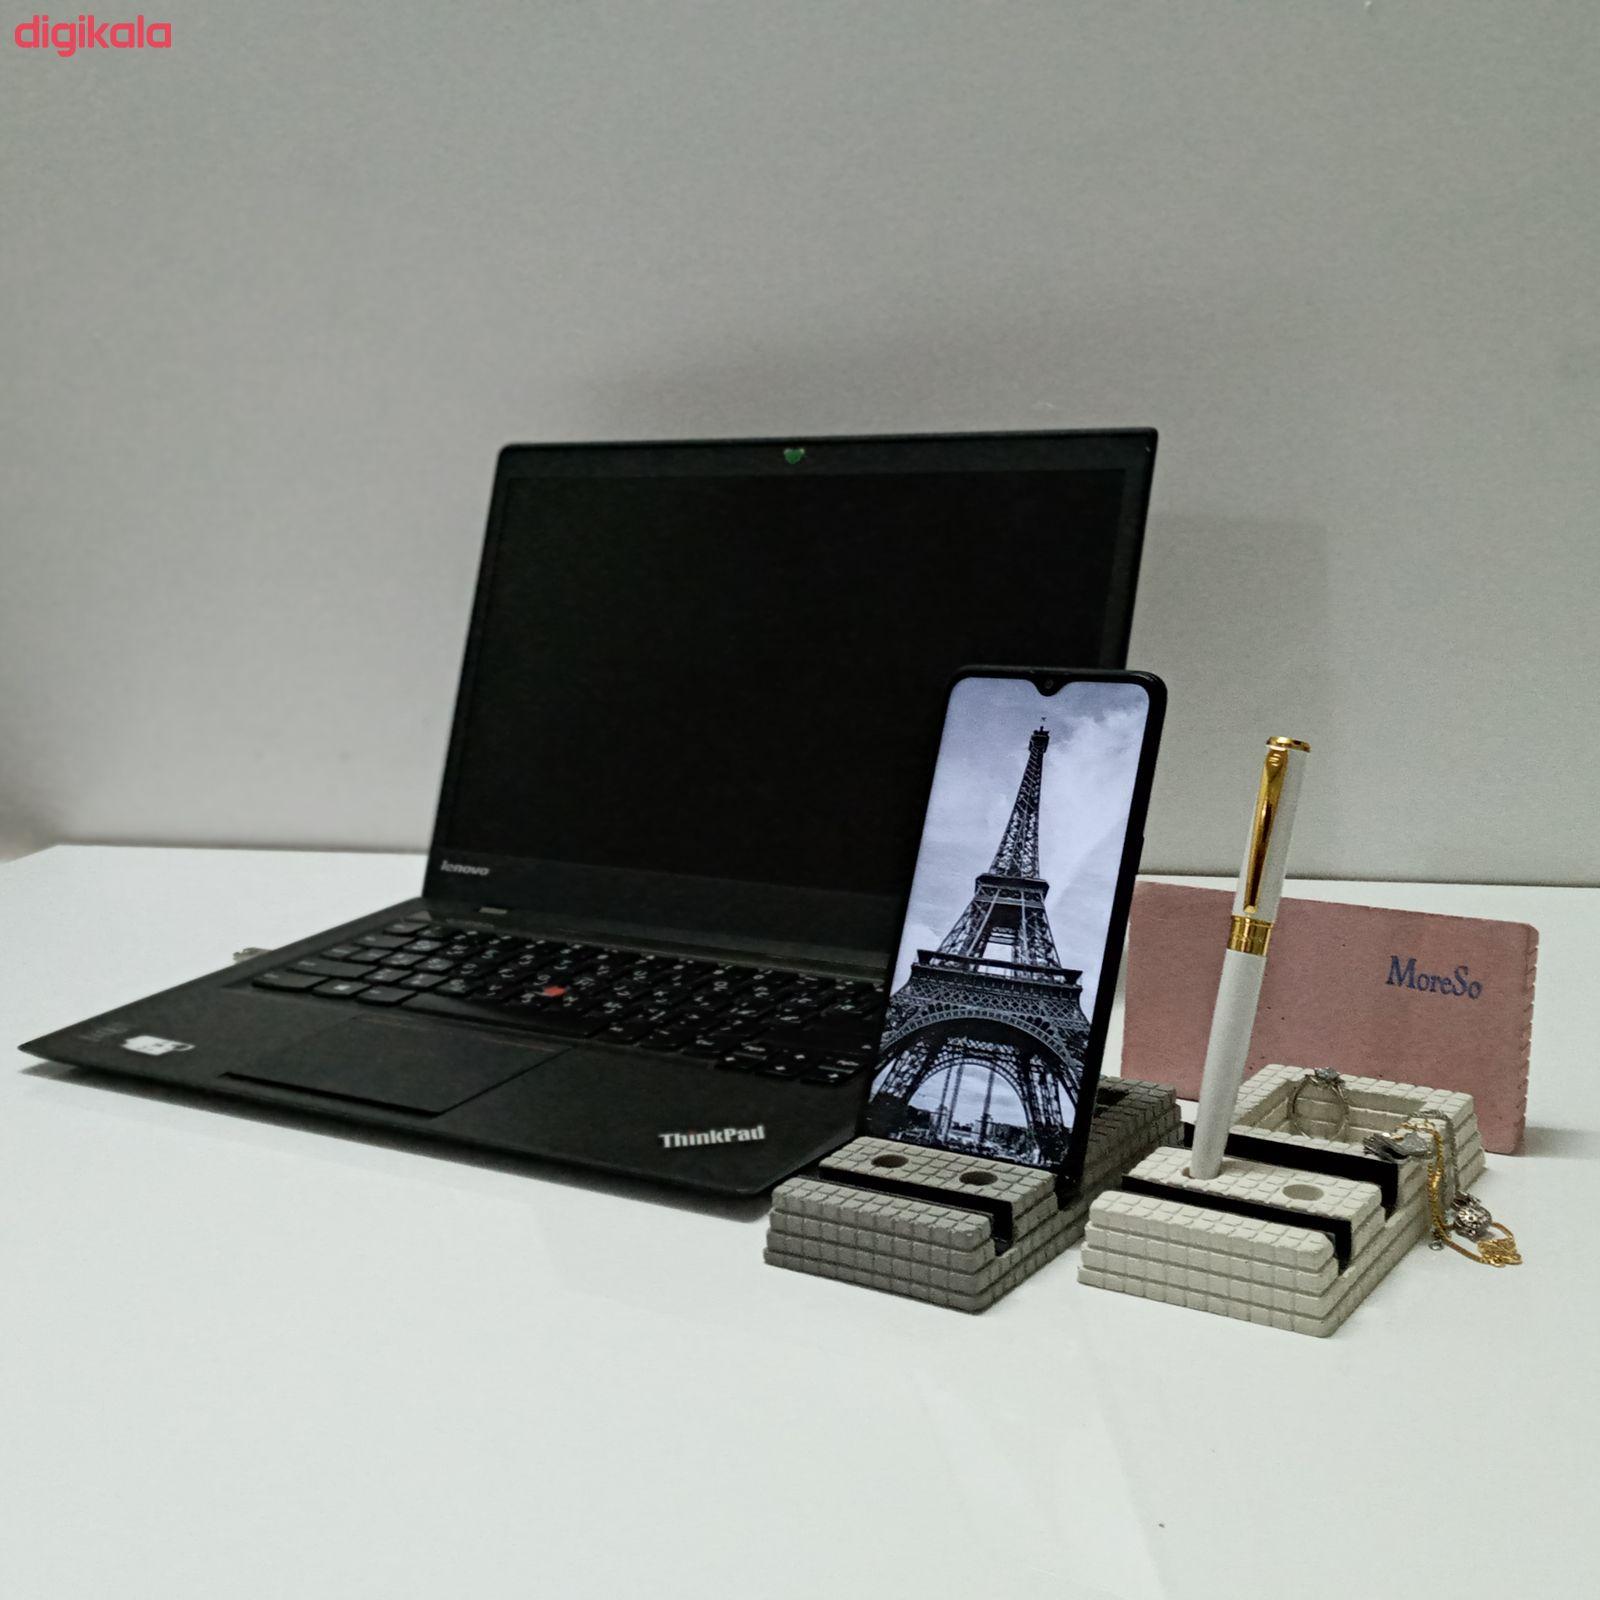 پایه نگهدارنده گوشی موبایل و تبلت مورسو مدل حوض فیروزه main 1 1